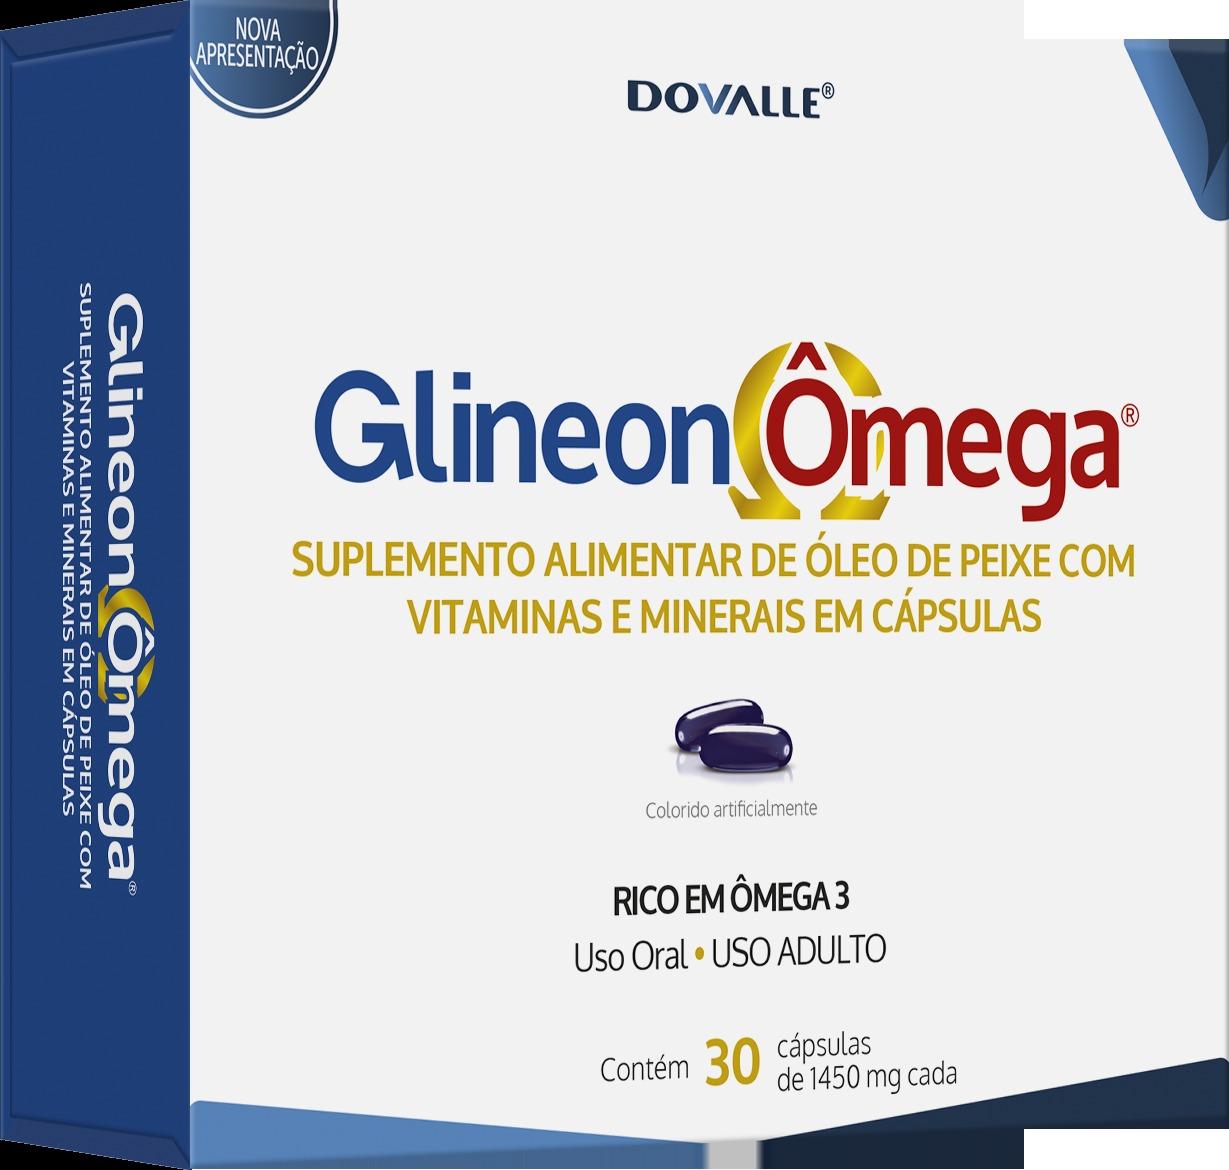 Glineon Ômega c/30 Cápsulas de Gel